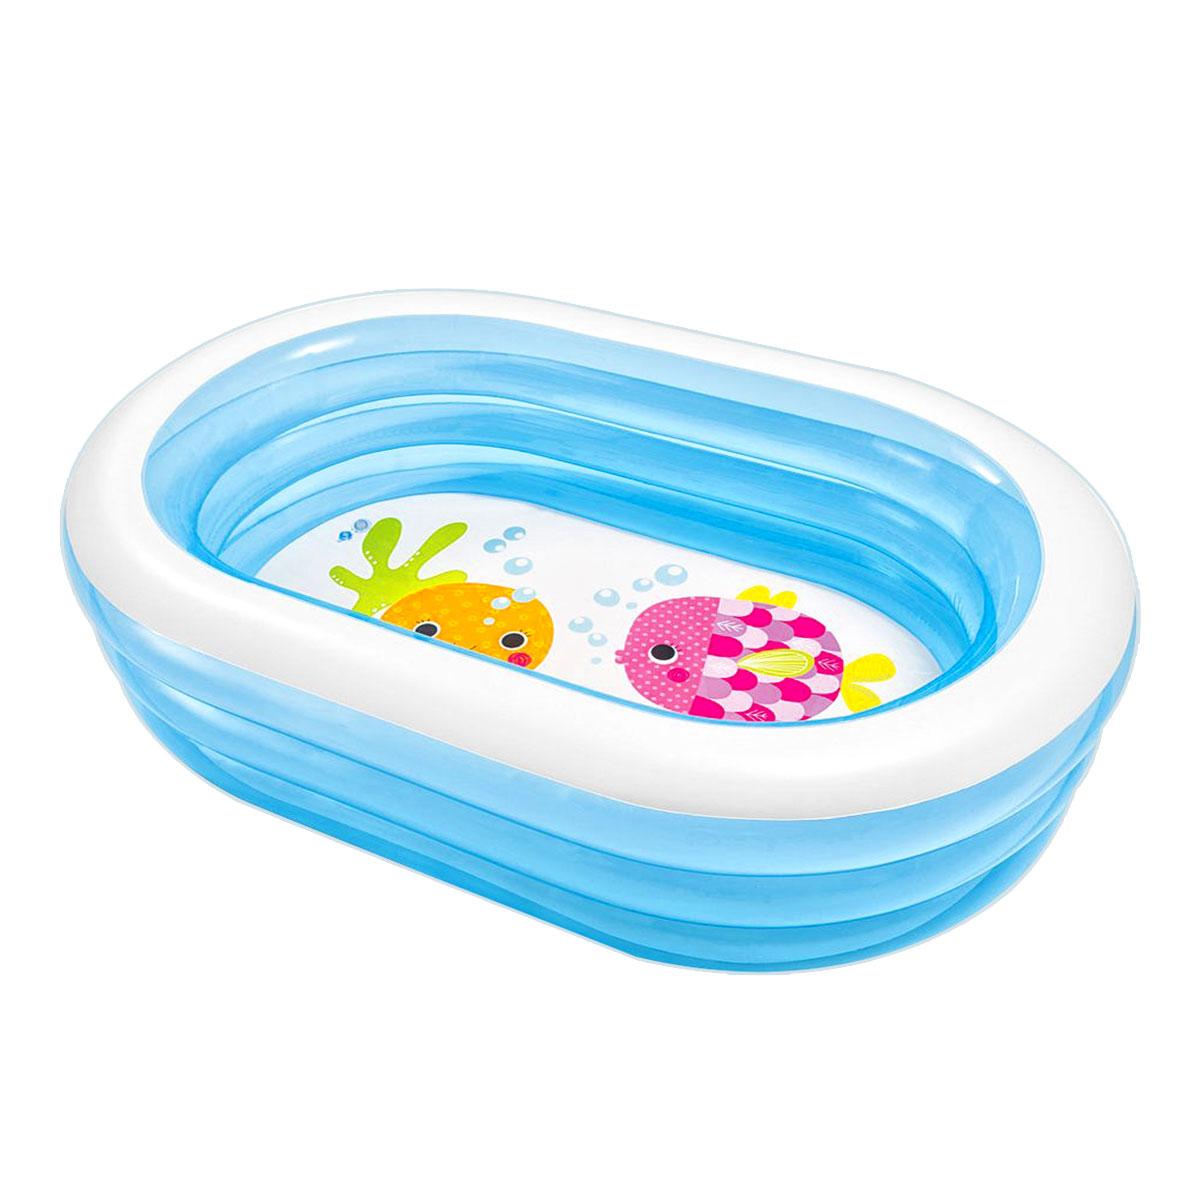 بركة سباحة شكل بيضاوي للاطفال رقم 57482NP